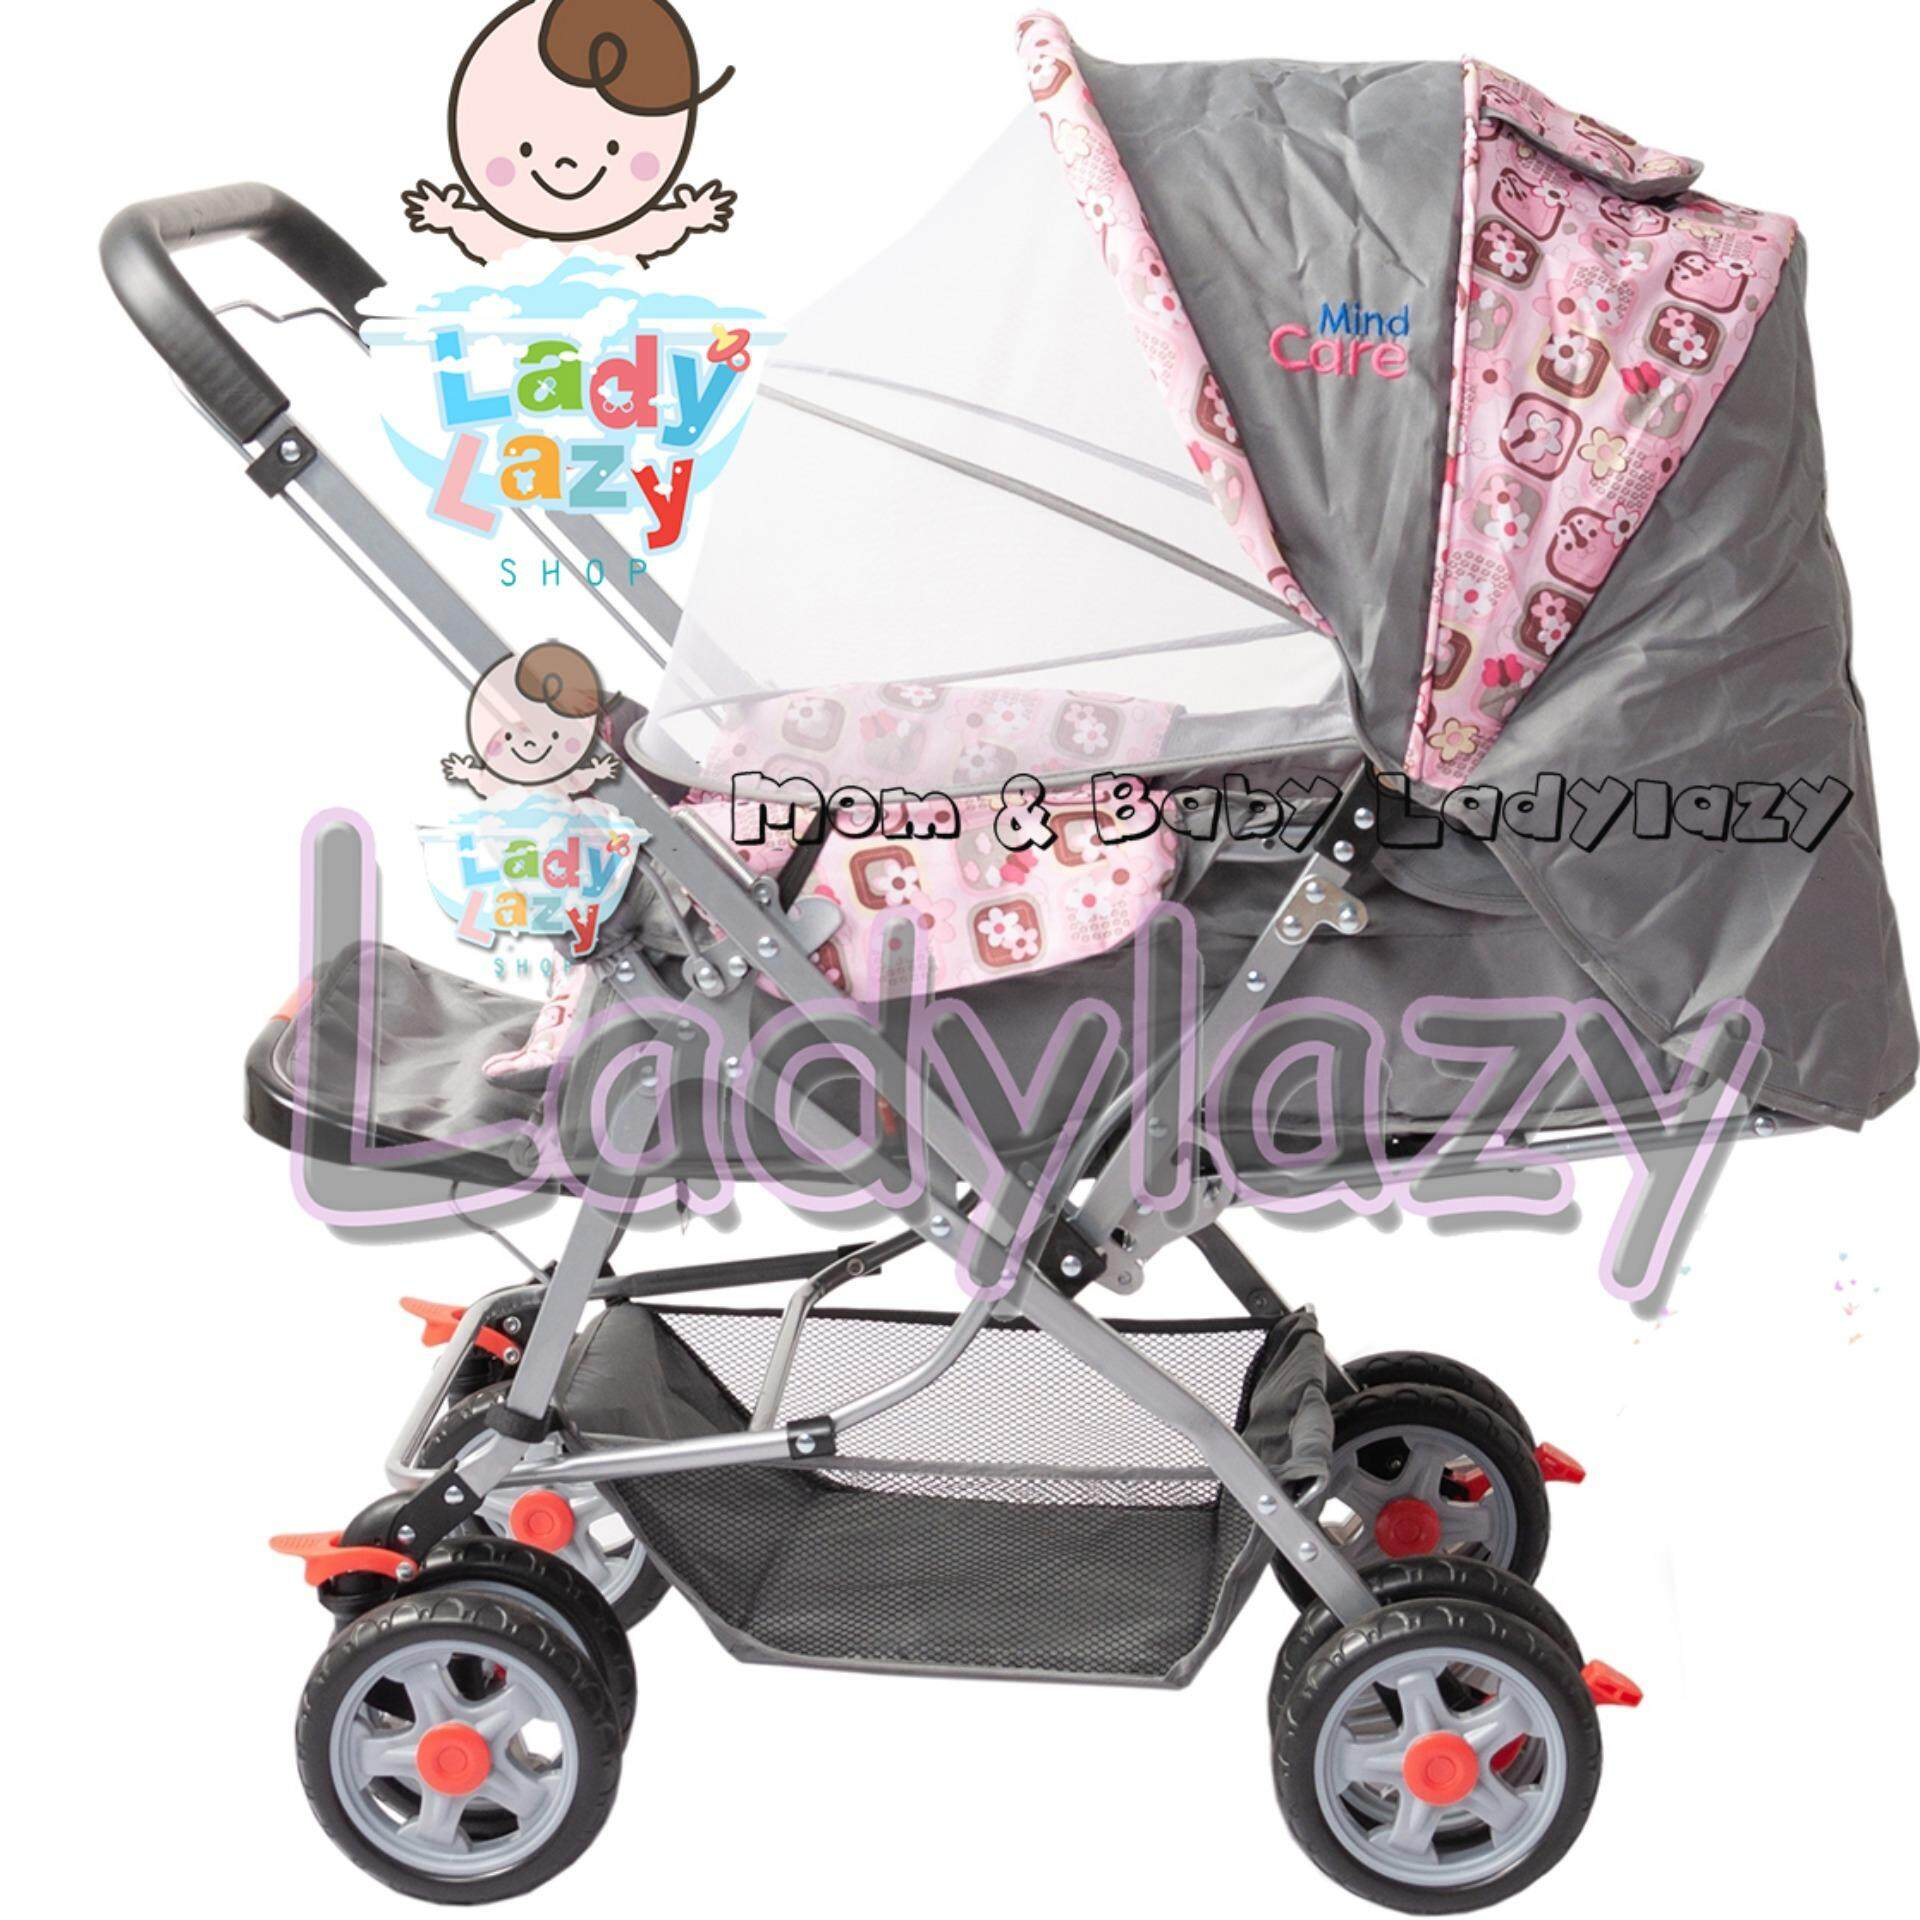 ladylazyรถเข็นเด็ก รุ่น 5301 ปรับนั่ง/เอน/นอน เข็นหน้า-หลังได้มีมุ้งในตัว สีชมพู-เทา